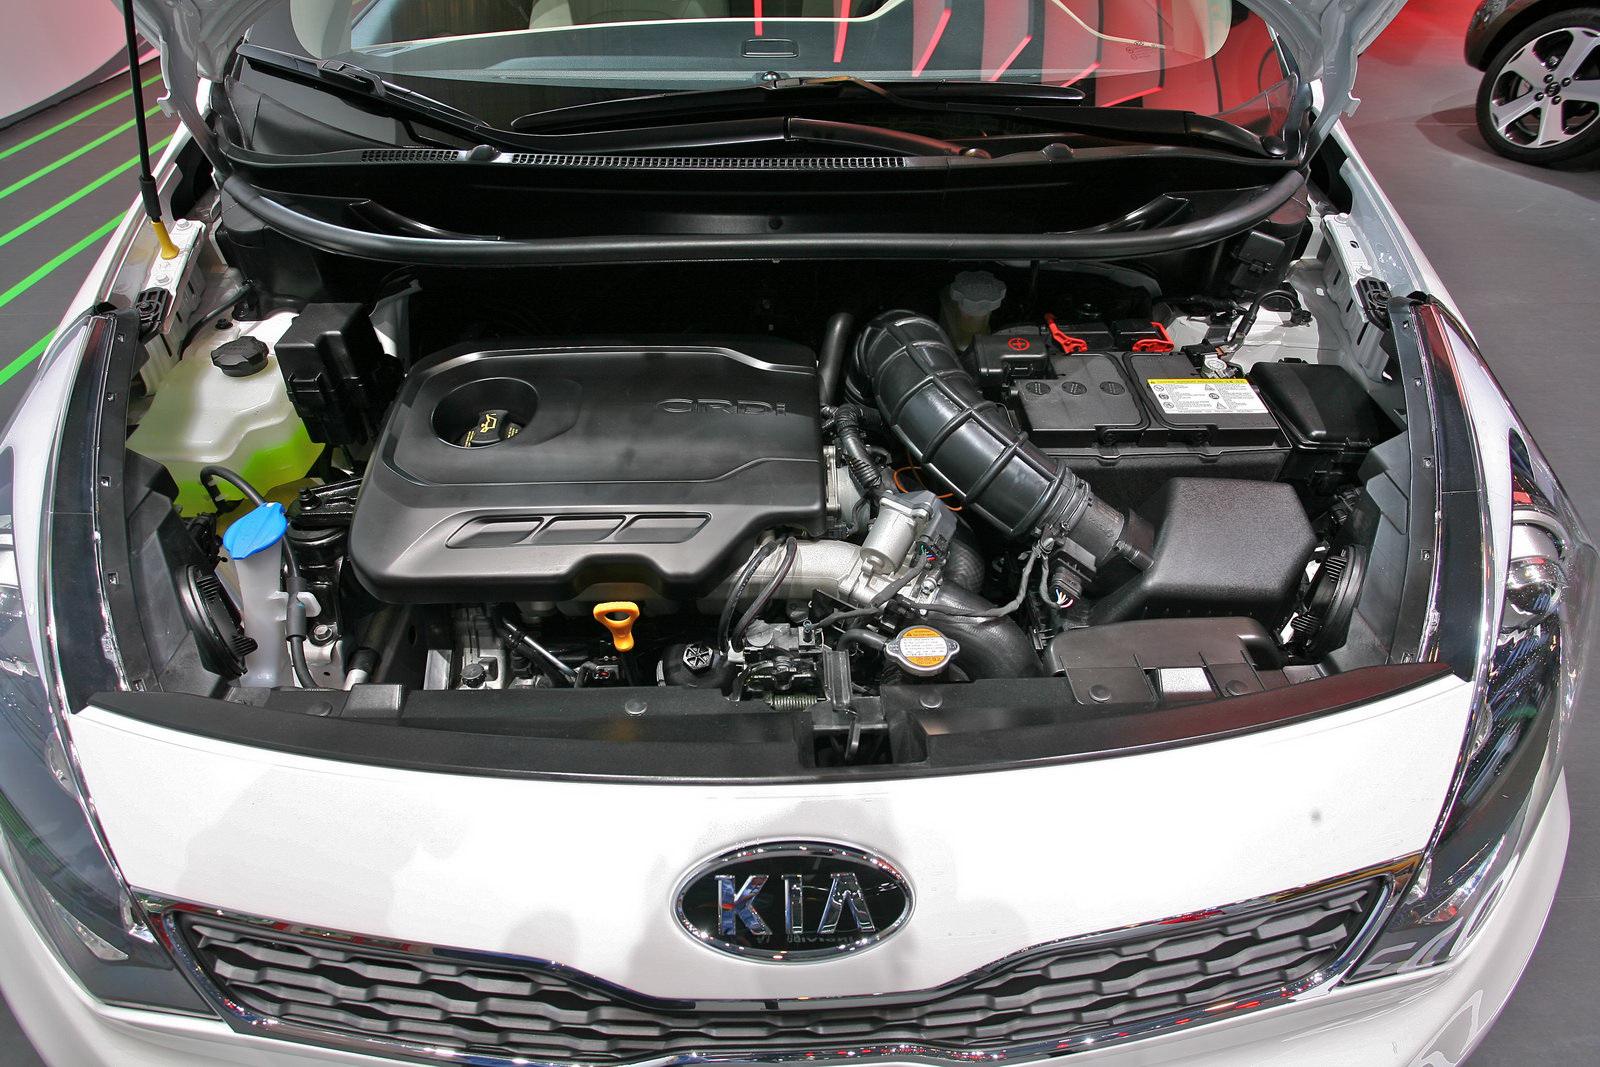 Основные признаки неисправности двигателей в автомобилях KIA